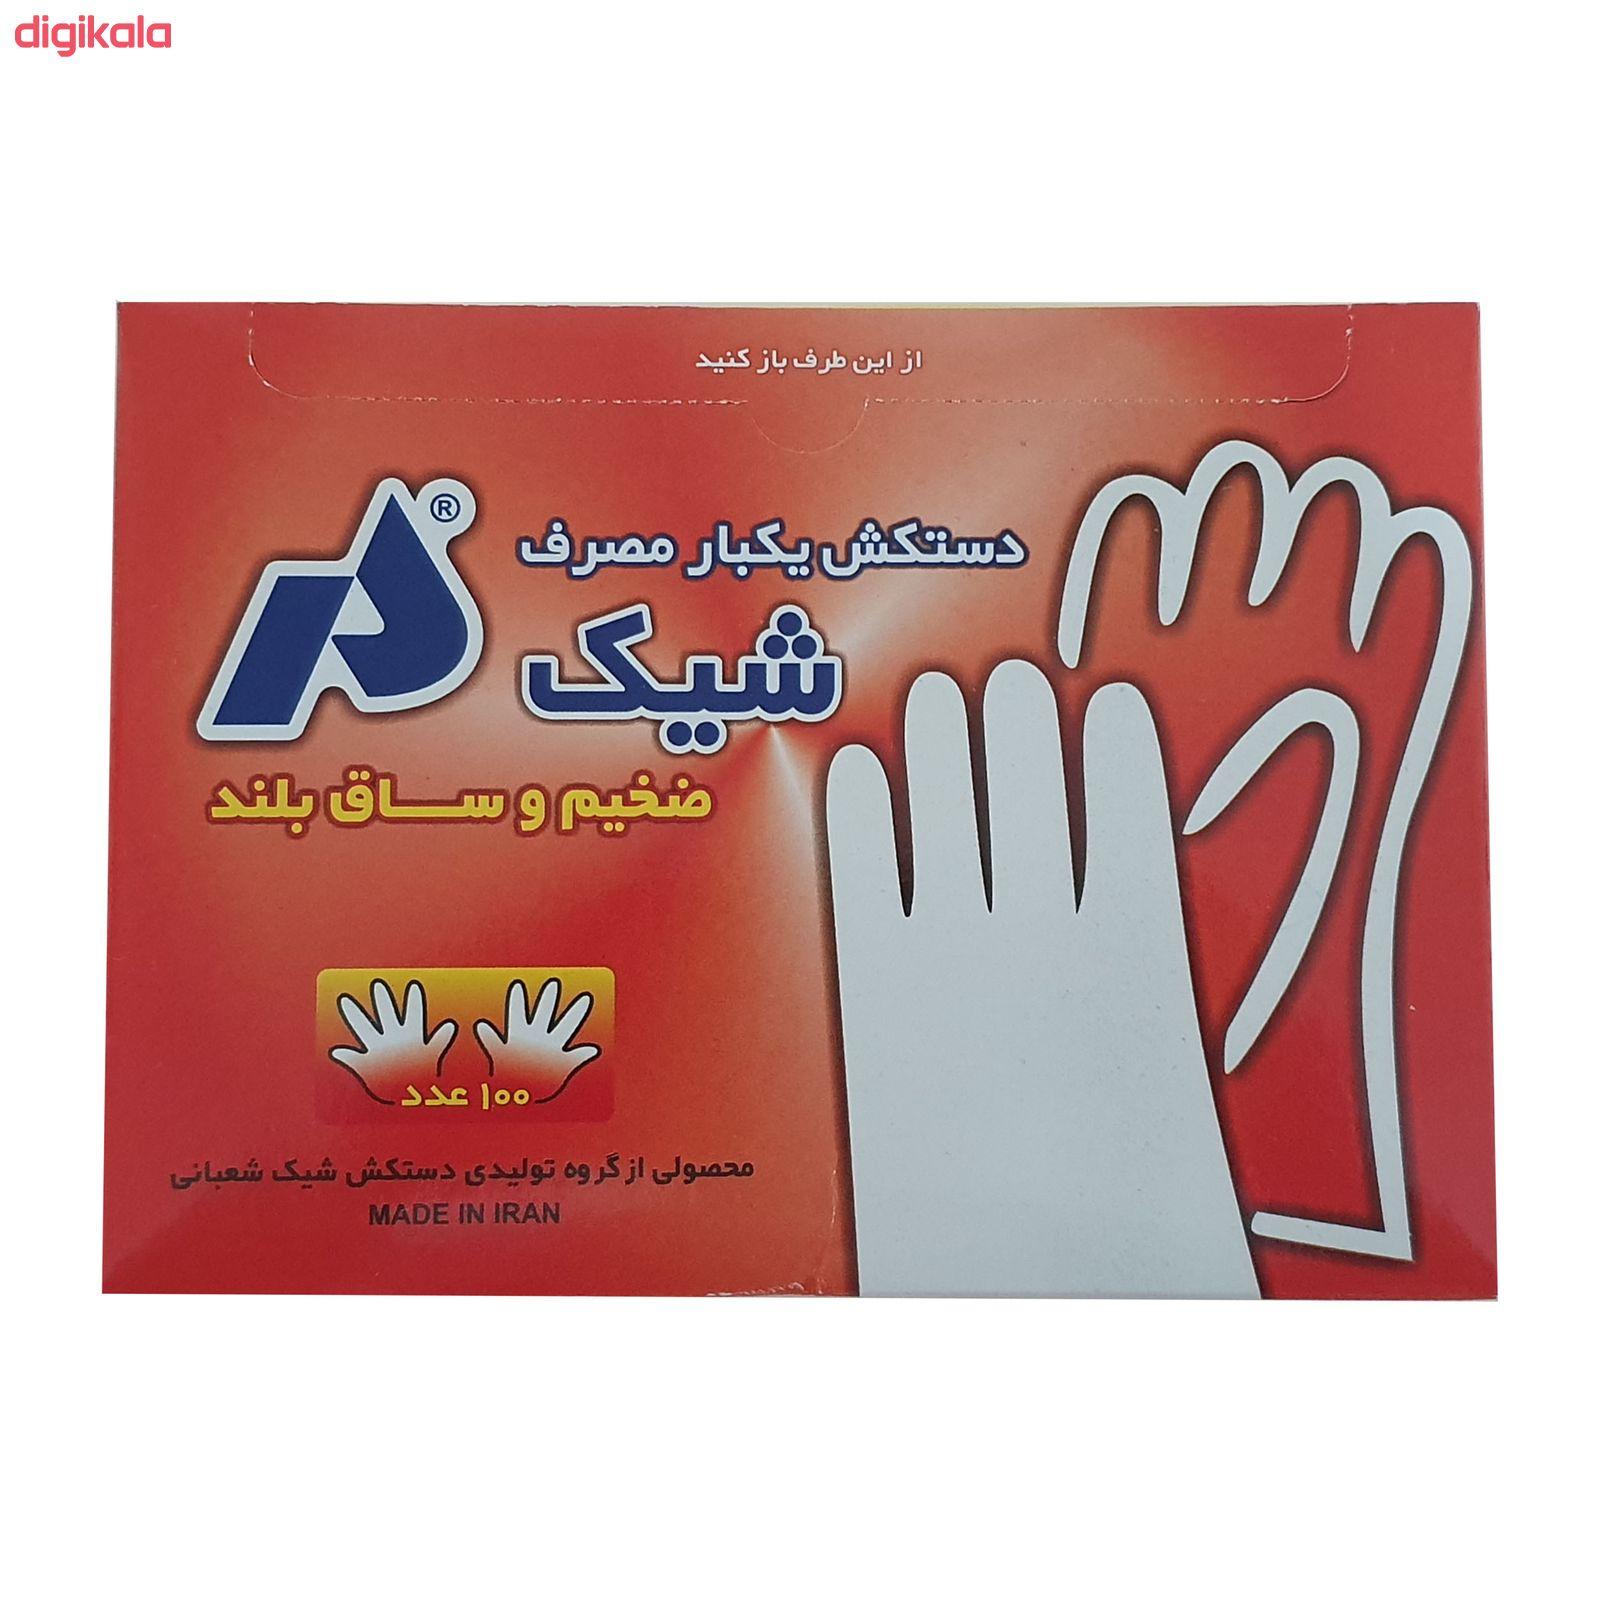 دستکش یکبار مصرف شیک مدل B-002 بسته 100 عددی main 1 1